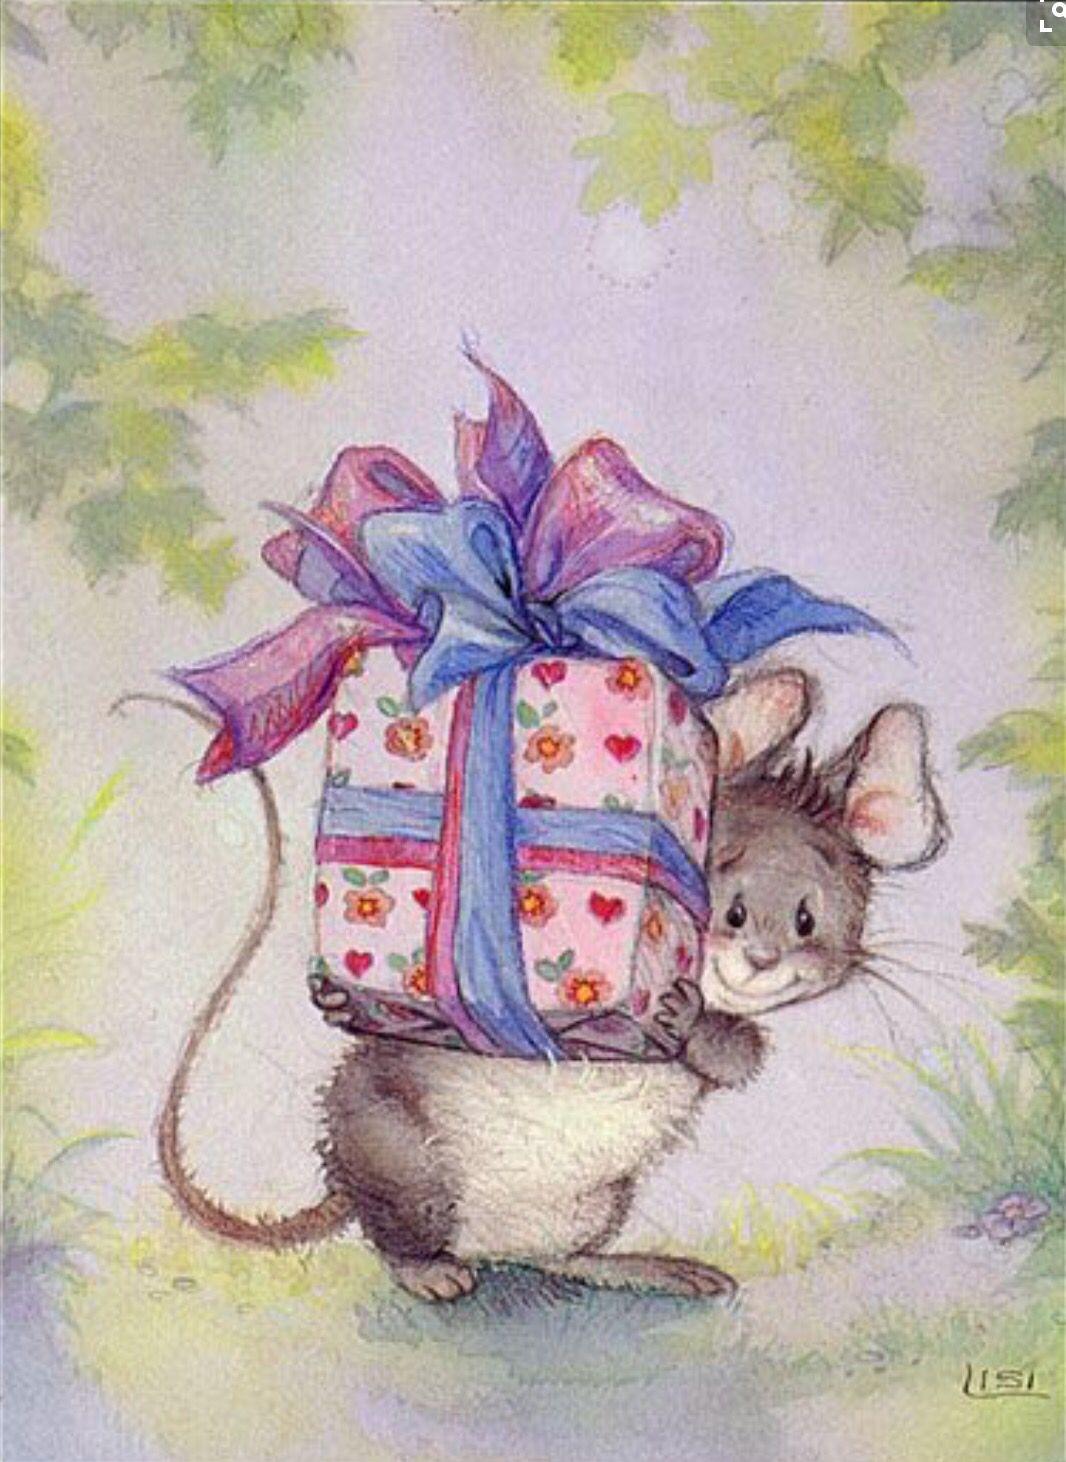 более с днем рождения открытки с мышками заговора конспирологи после